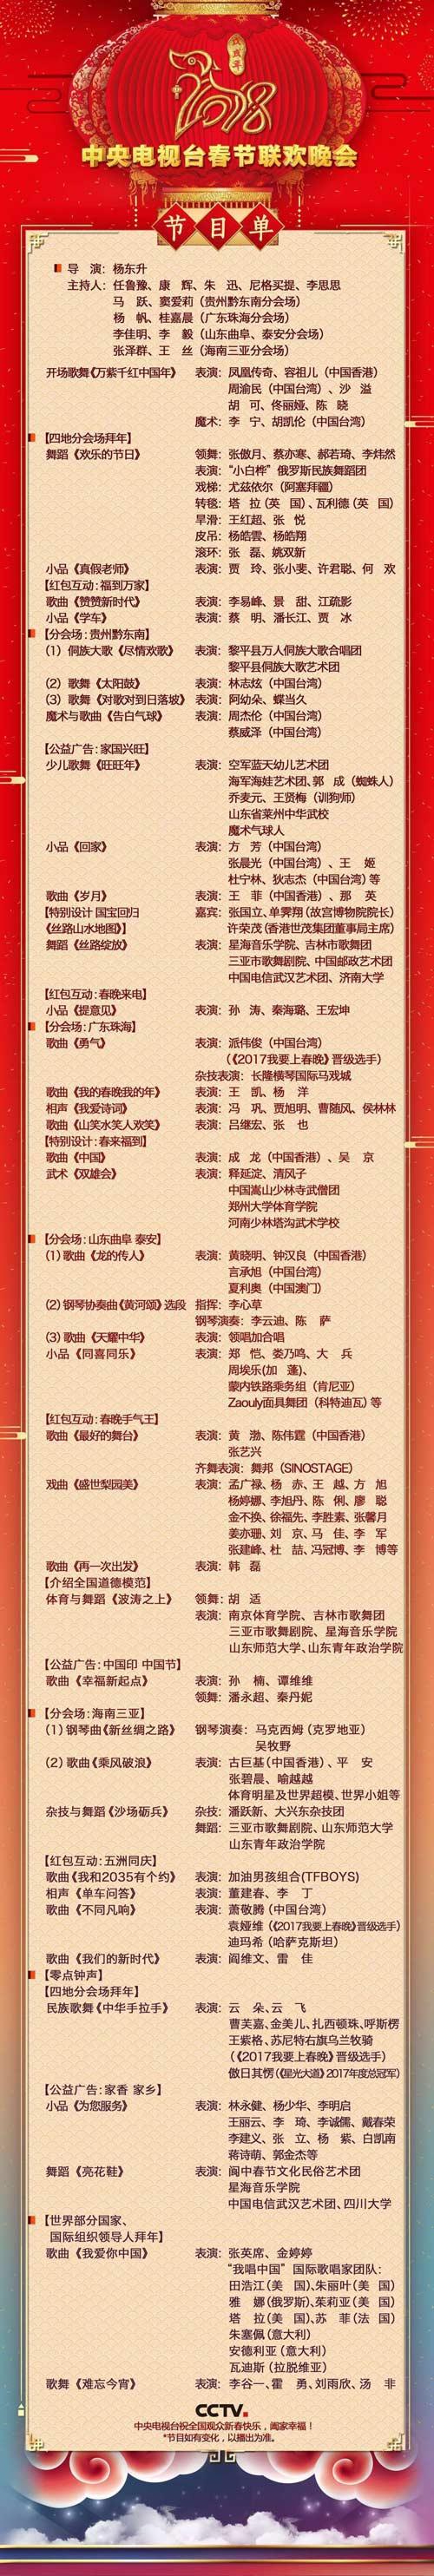 曝央视春晚节目单,主持人,2018 狗年春晚几点开始,直播地址